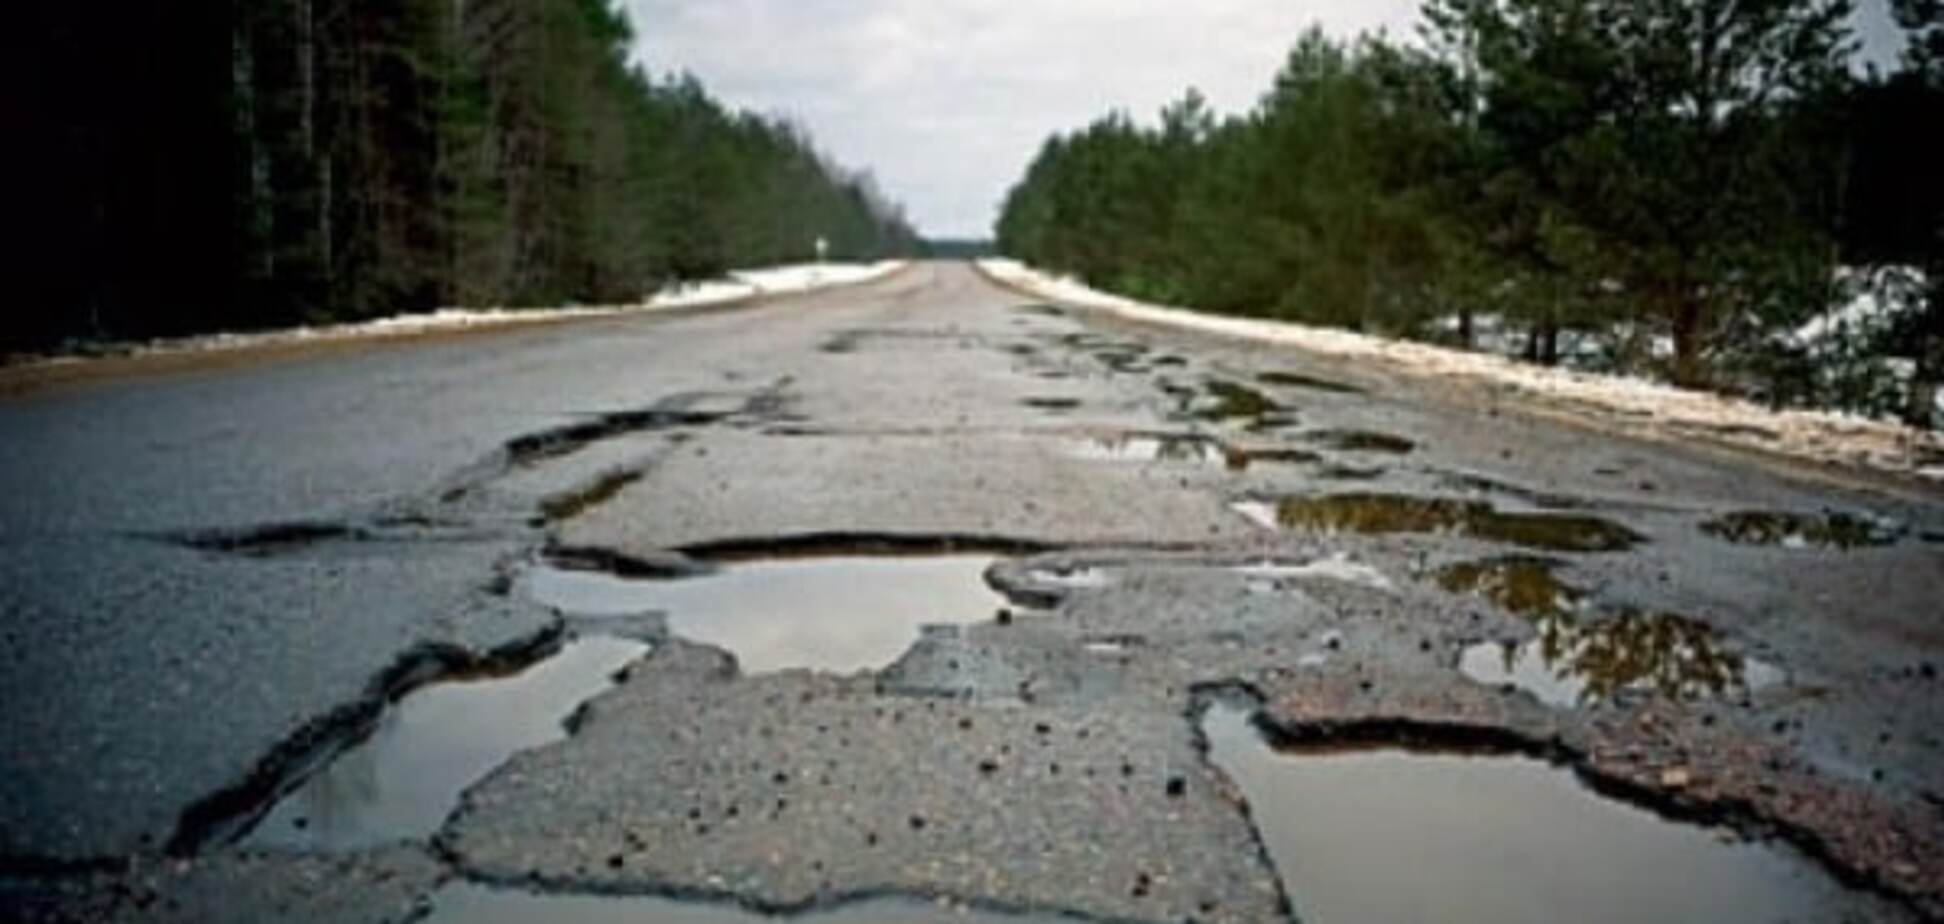 Не красти, а будувати дороги: експерт запропонував альтернативу приватним інвесторам